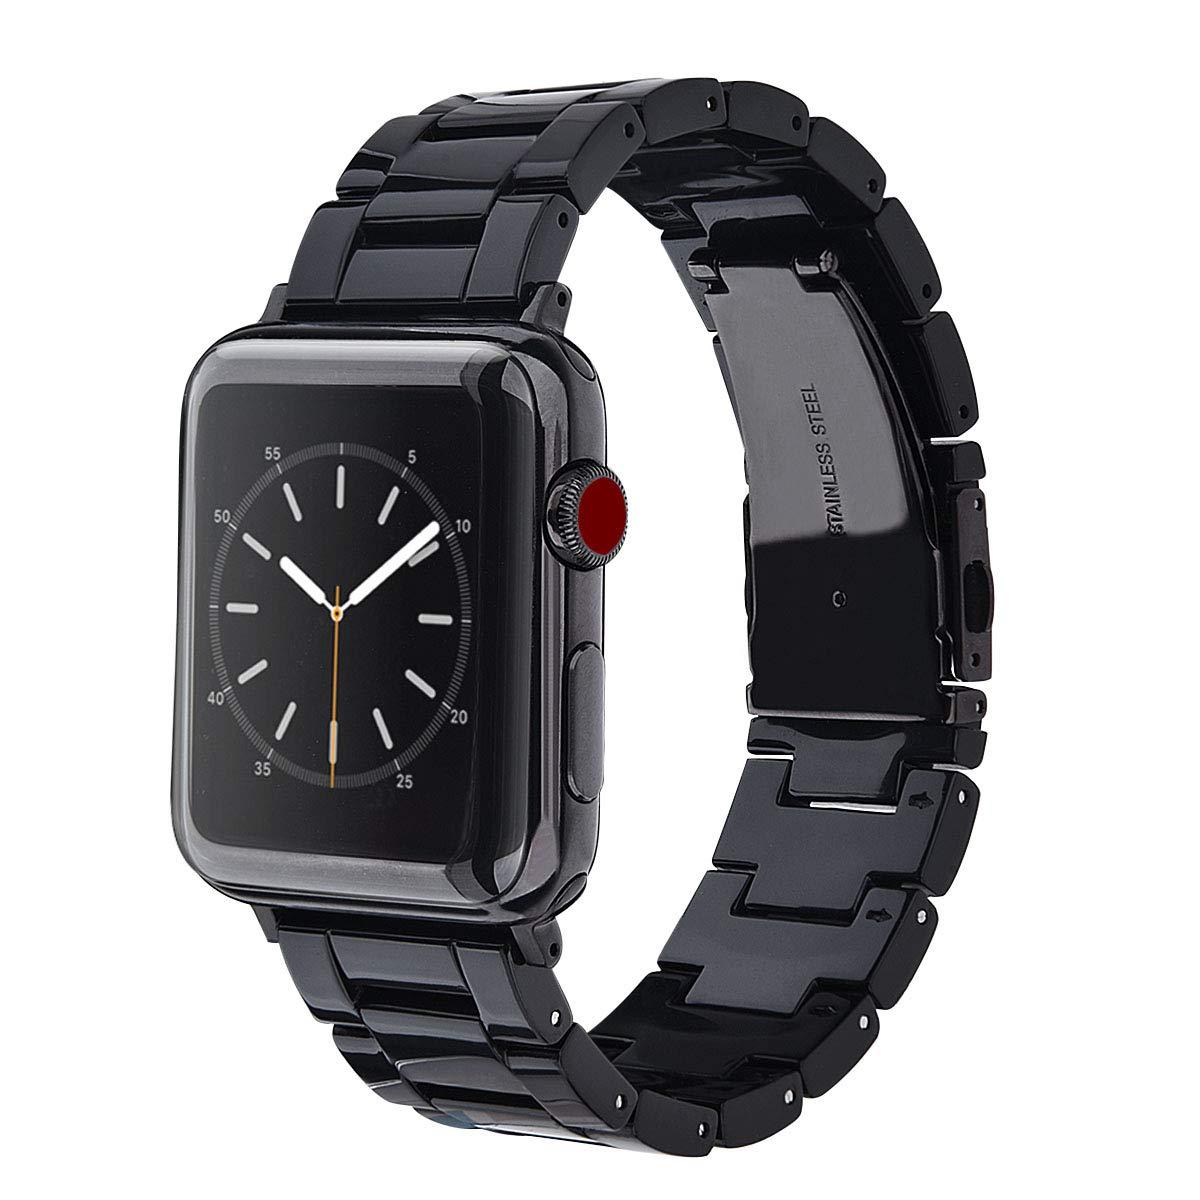 Malla Acero para Apple Watch (42/44mm) V-MORO [7J6RGTVK]